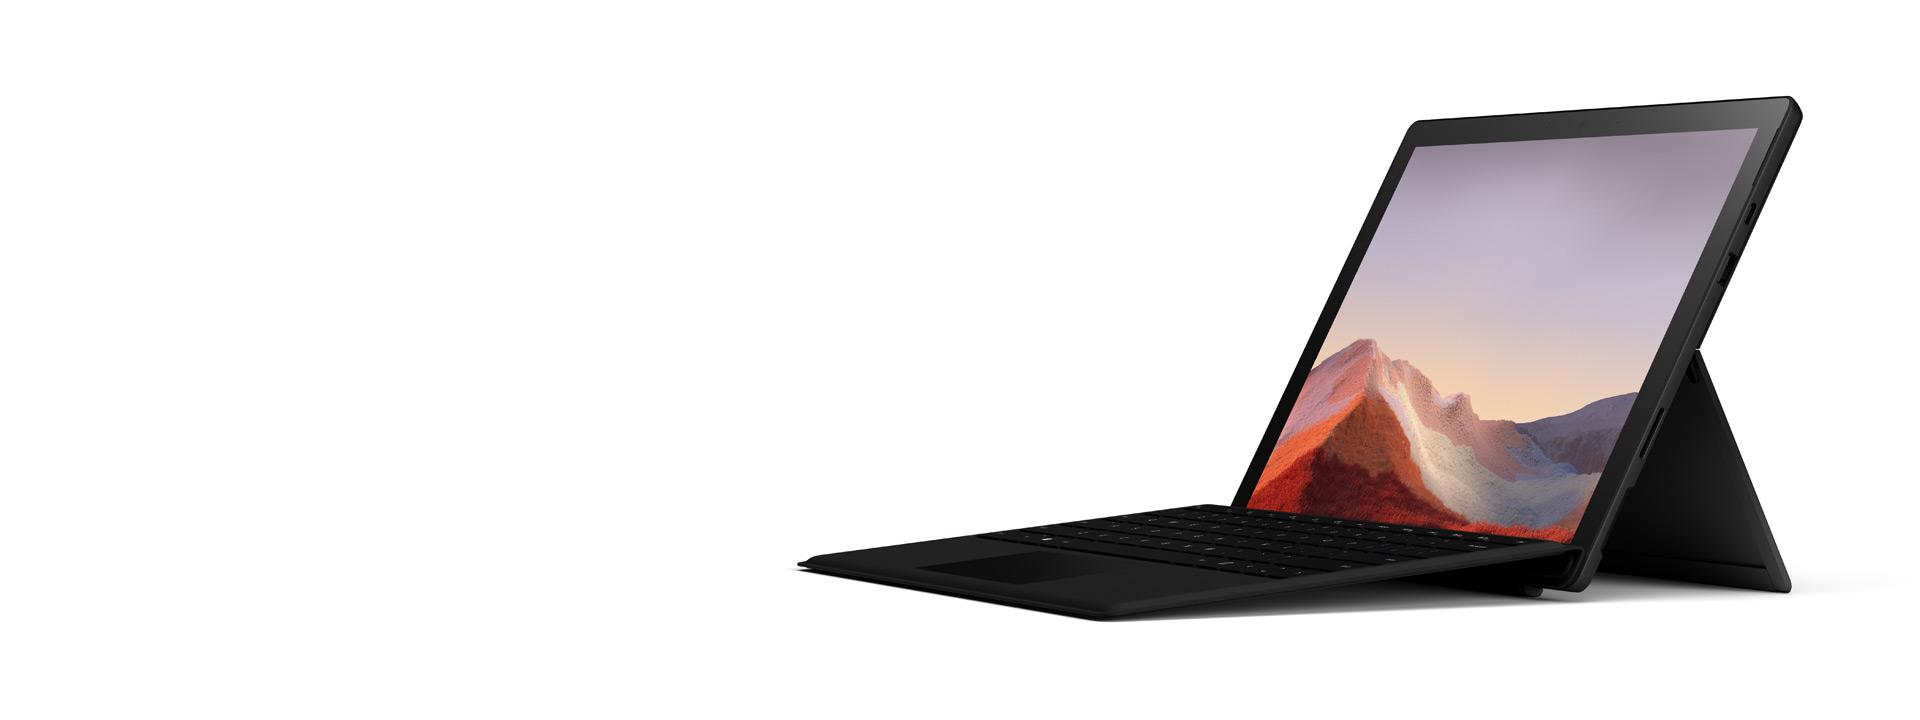 マットブラックの Surface Pro 7